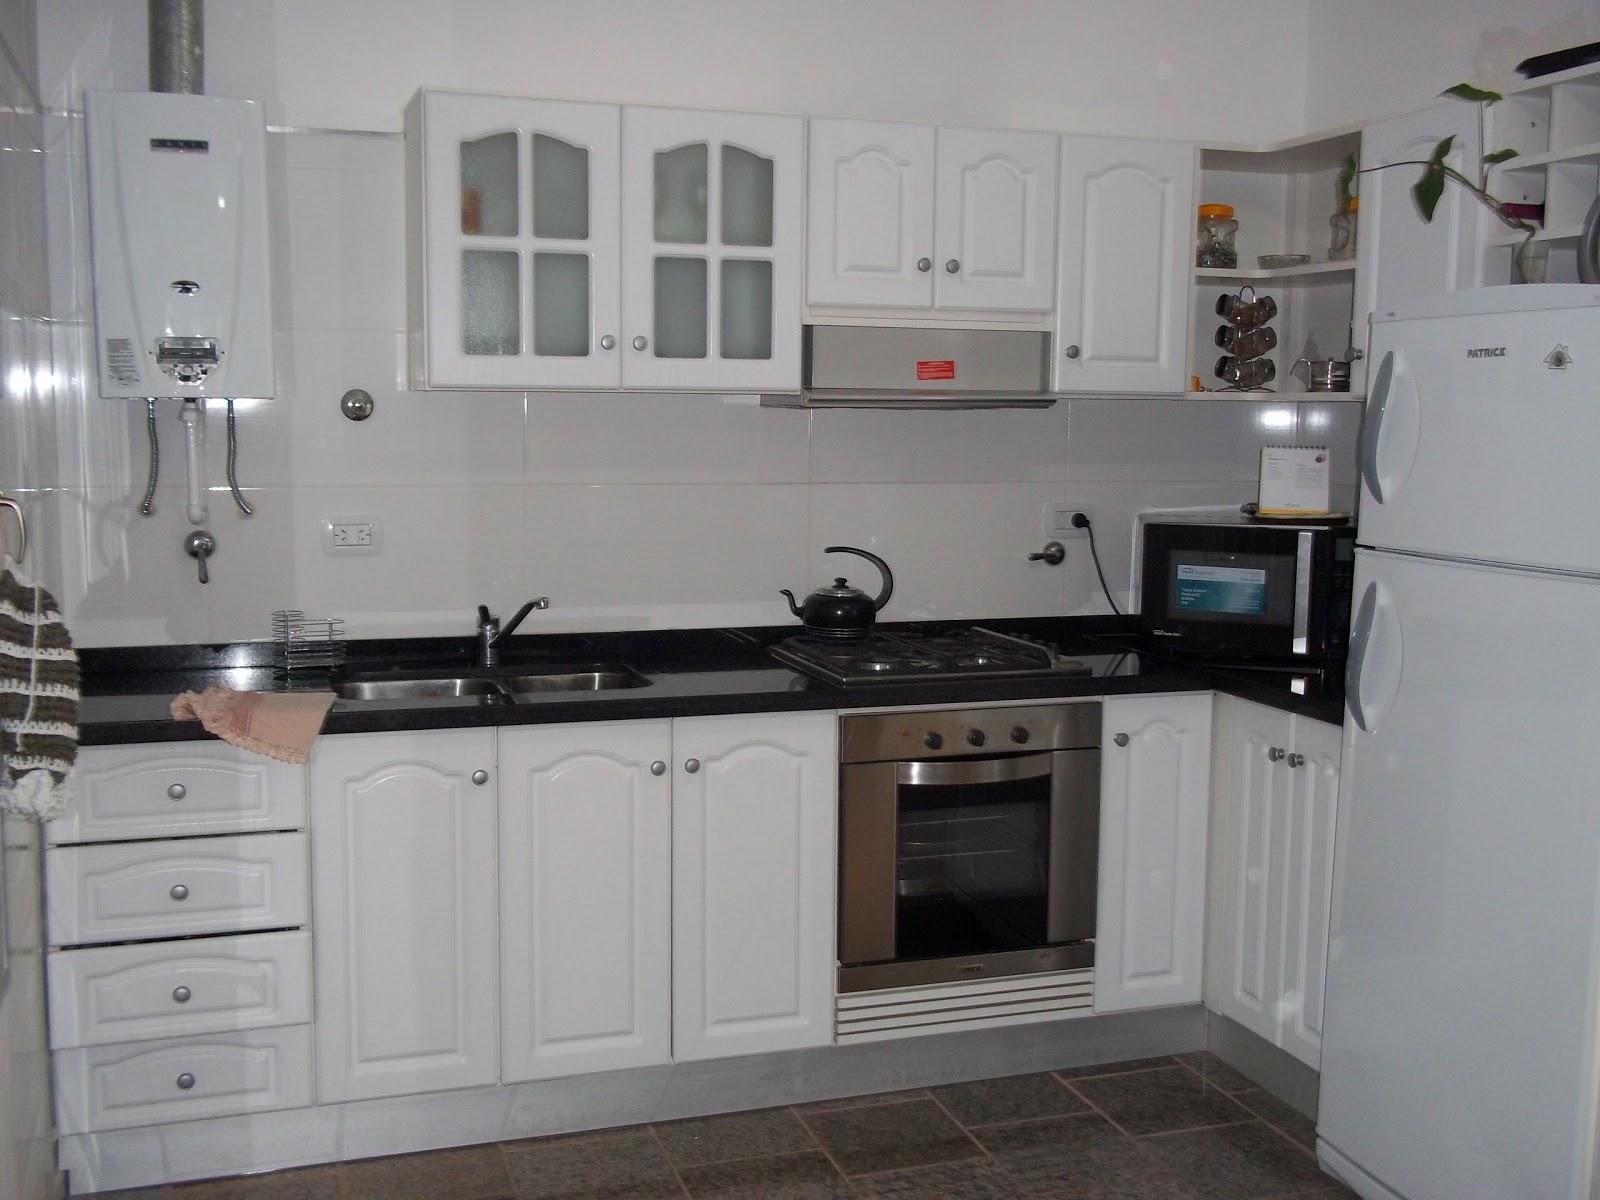 Gl interiores mueble de cocina - Interiores de muebles de cocina ...